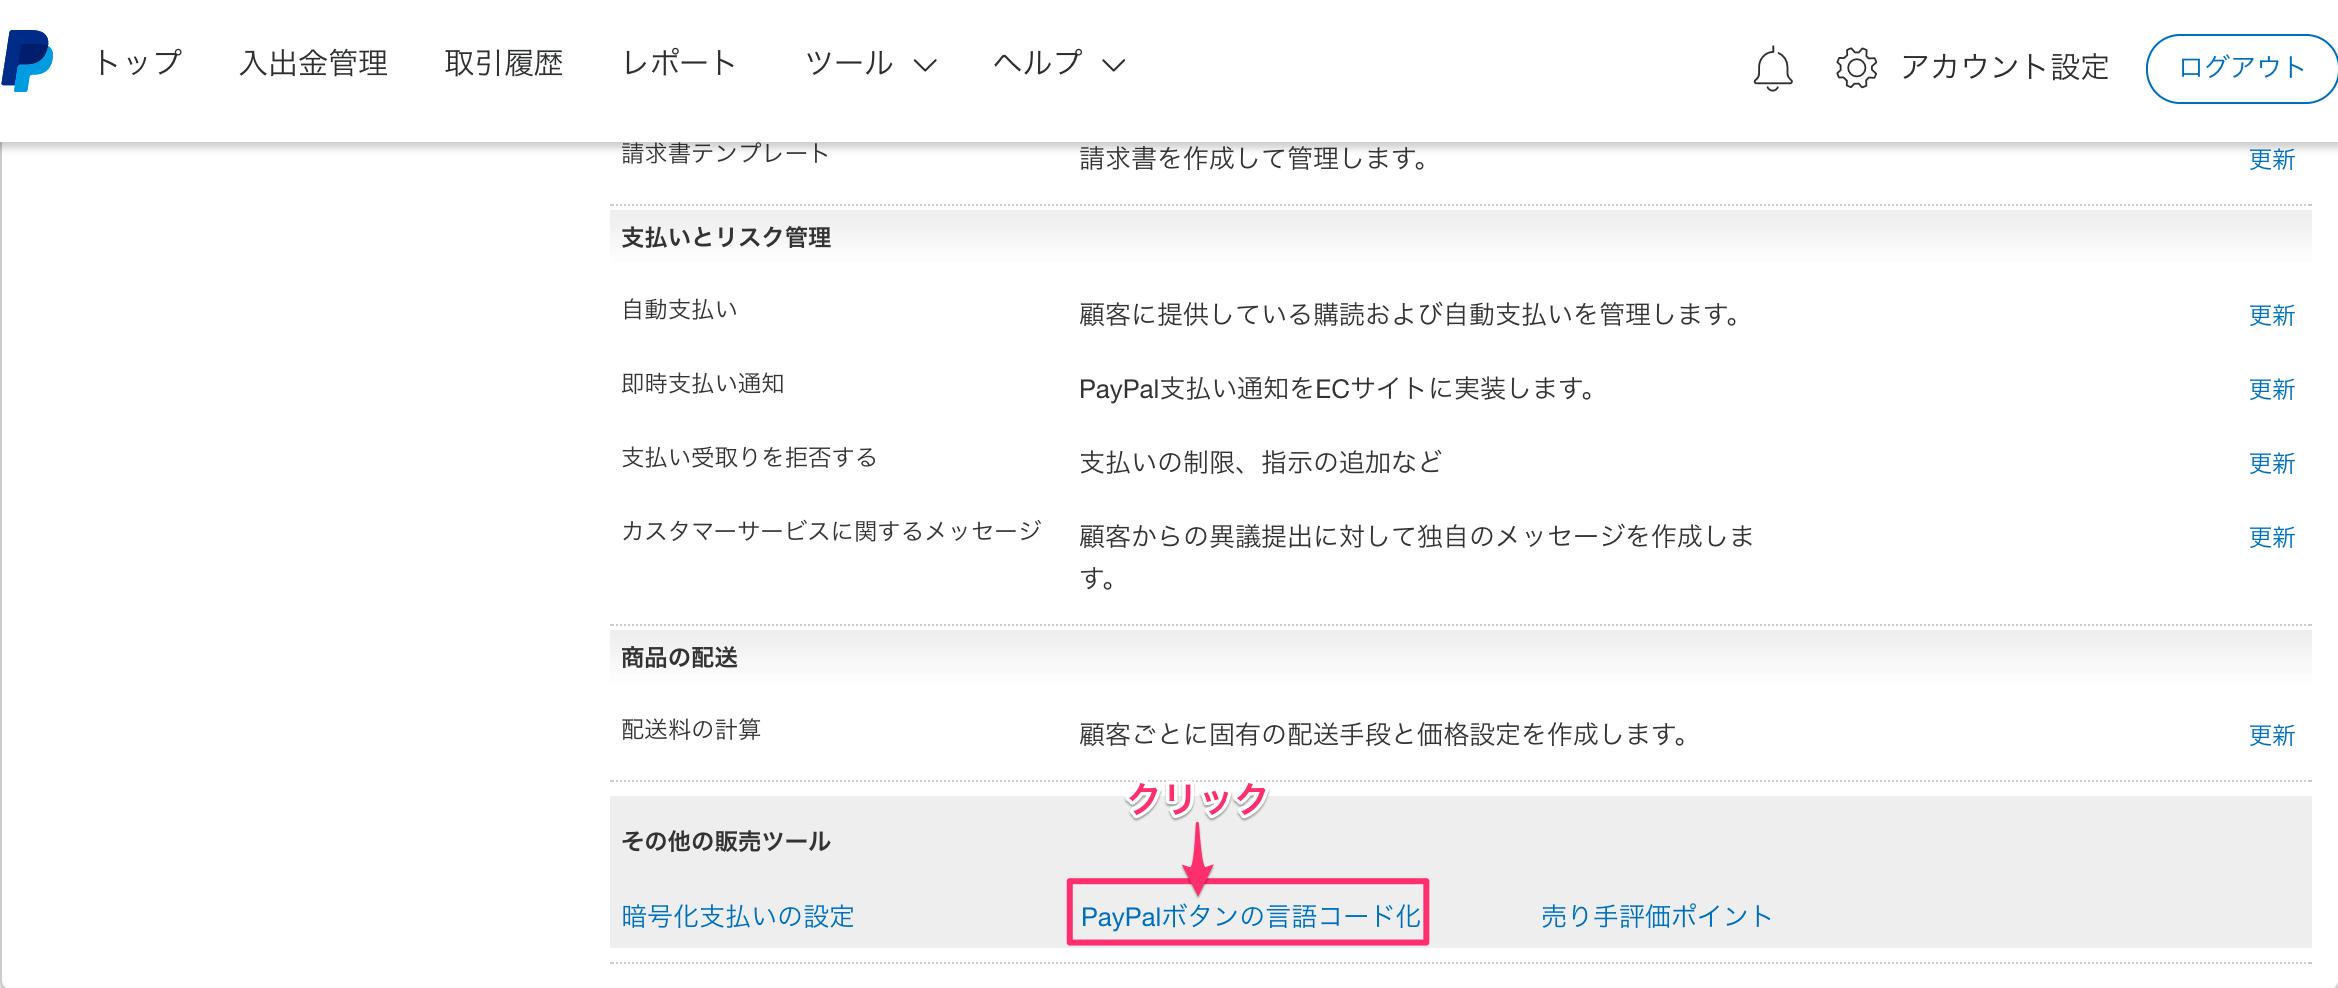 paypal_sandbox_button_3_3